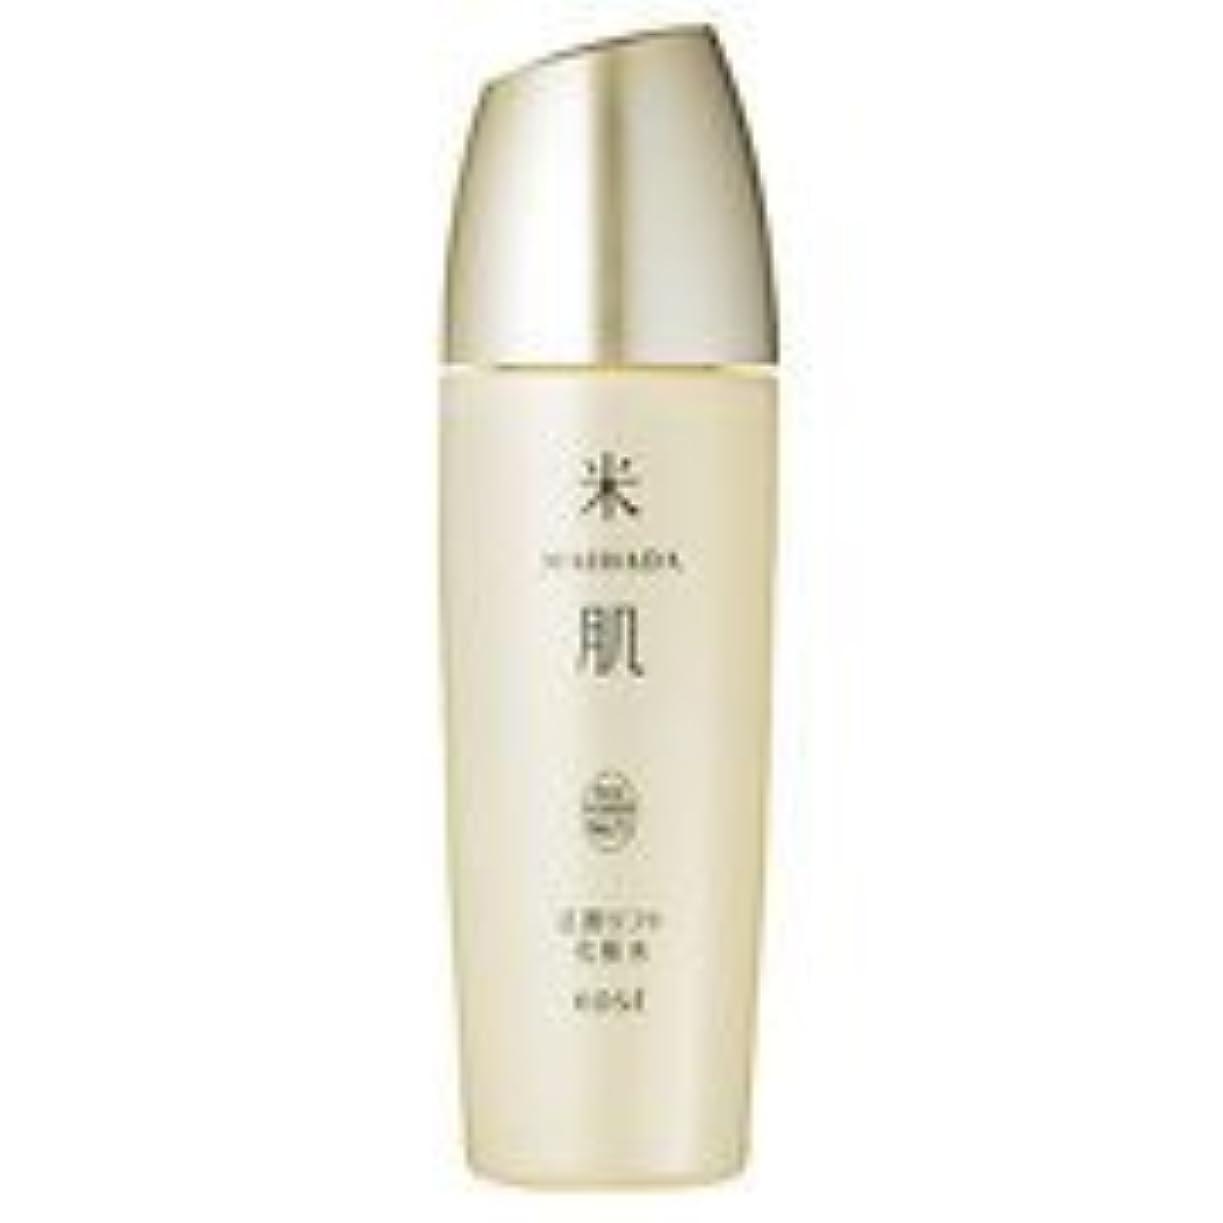 しかしインスタントぼかす米肌(MAIHADA) 活潤リフト 化粧水 120ml